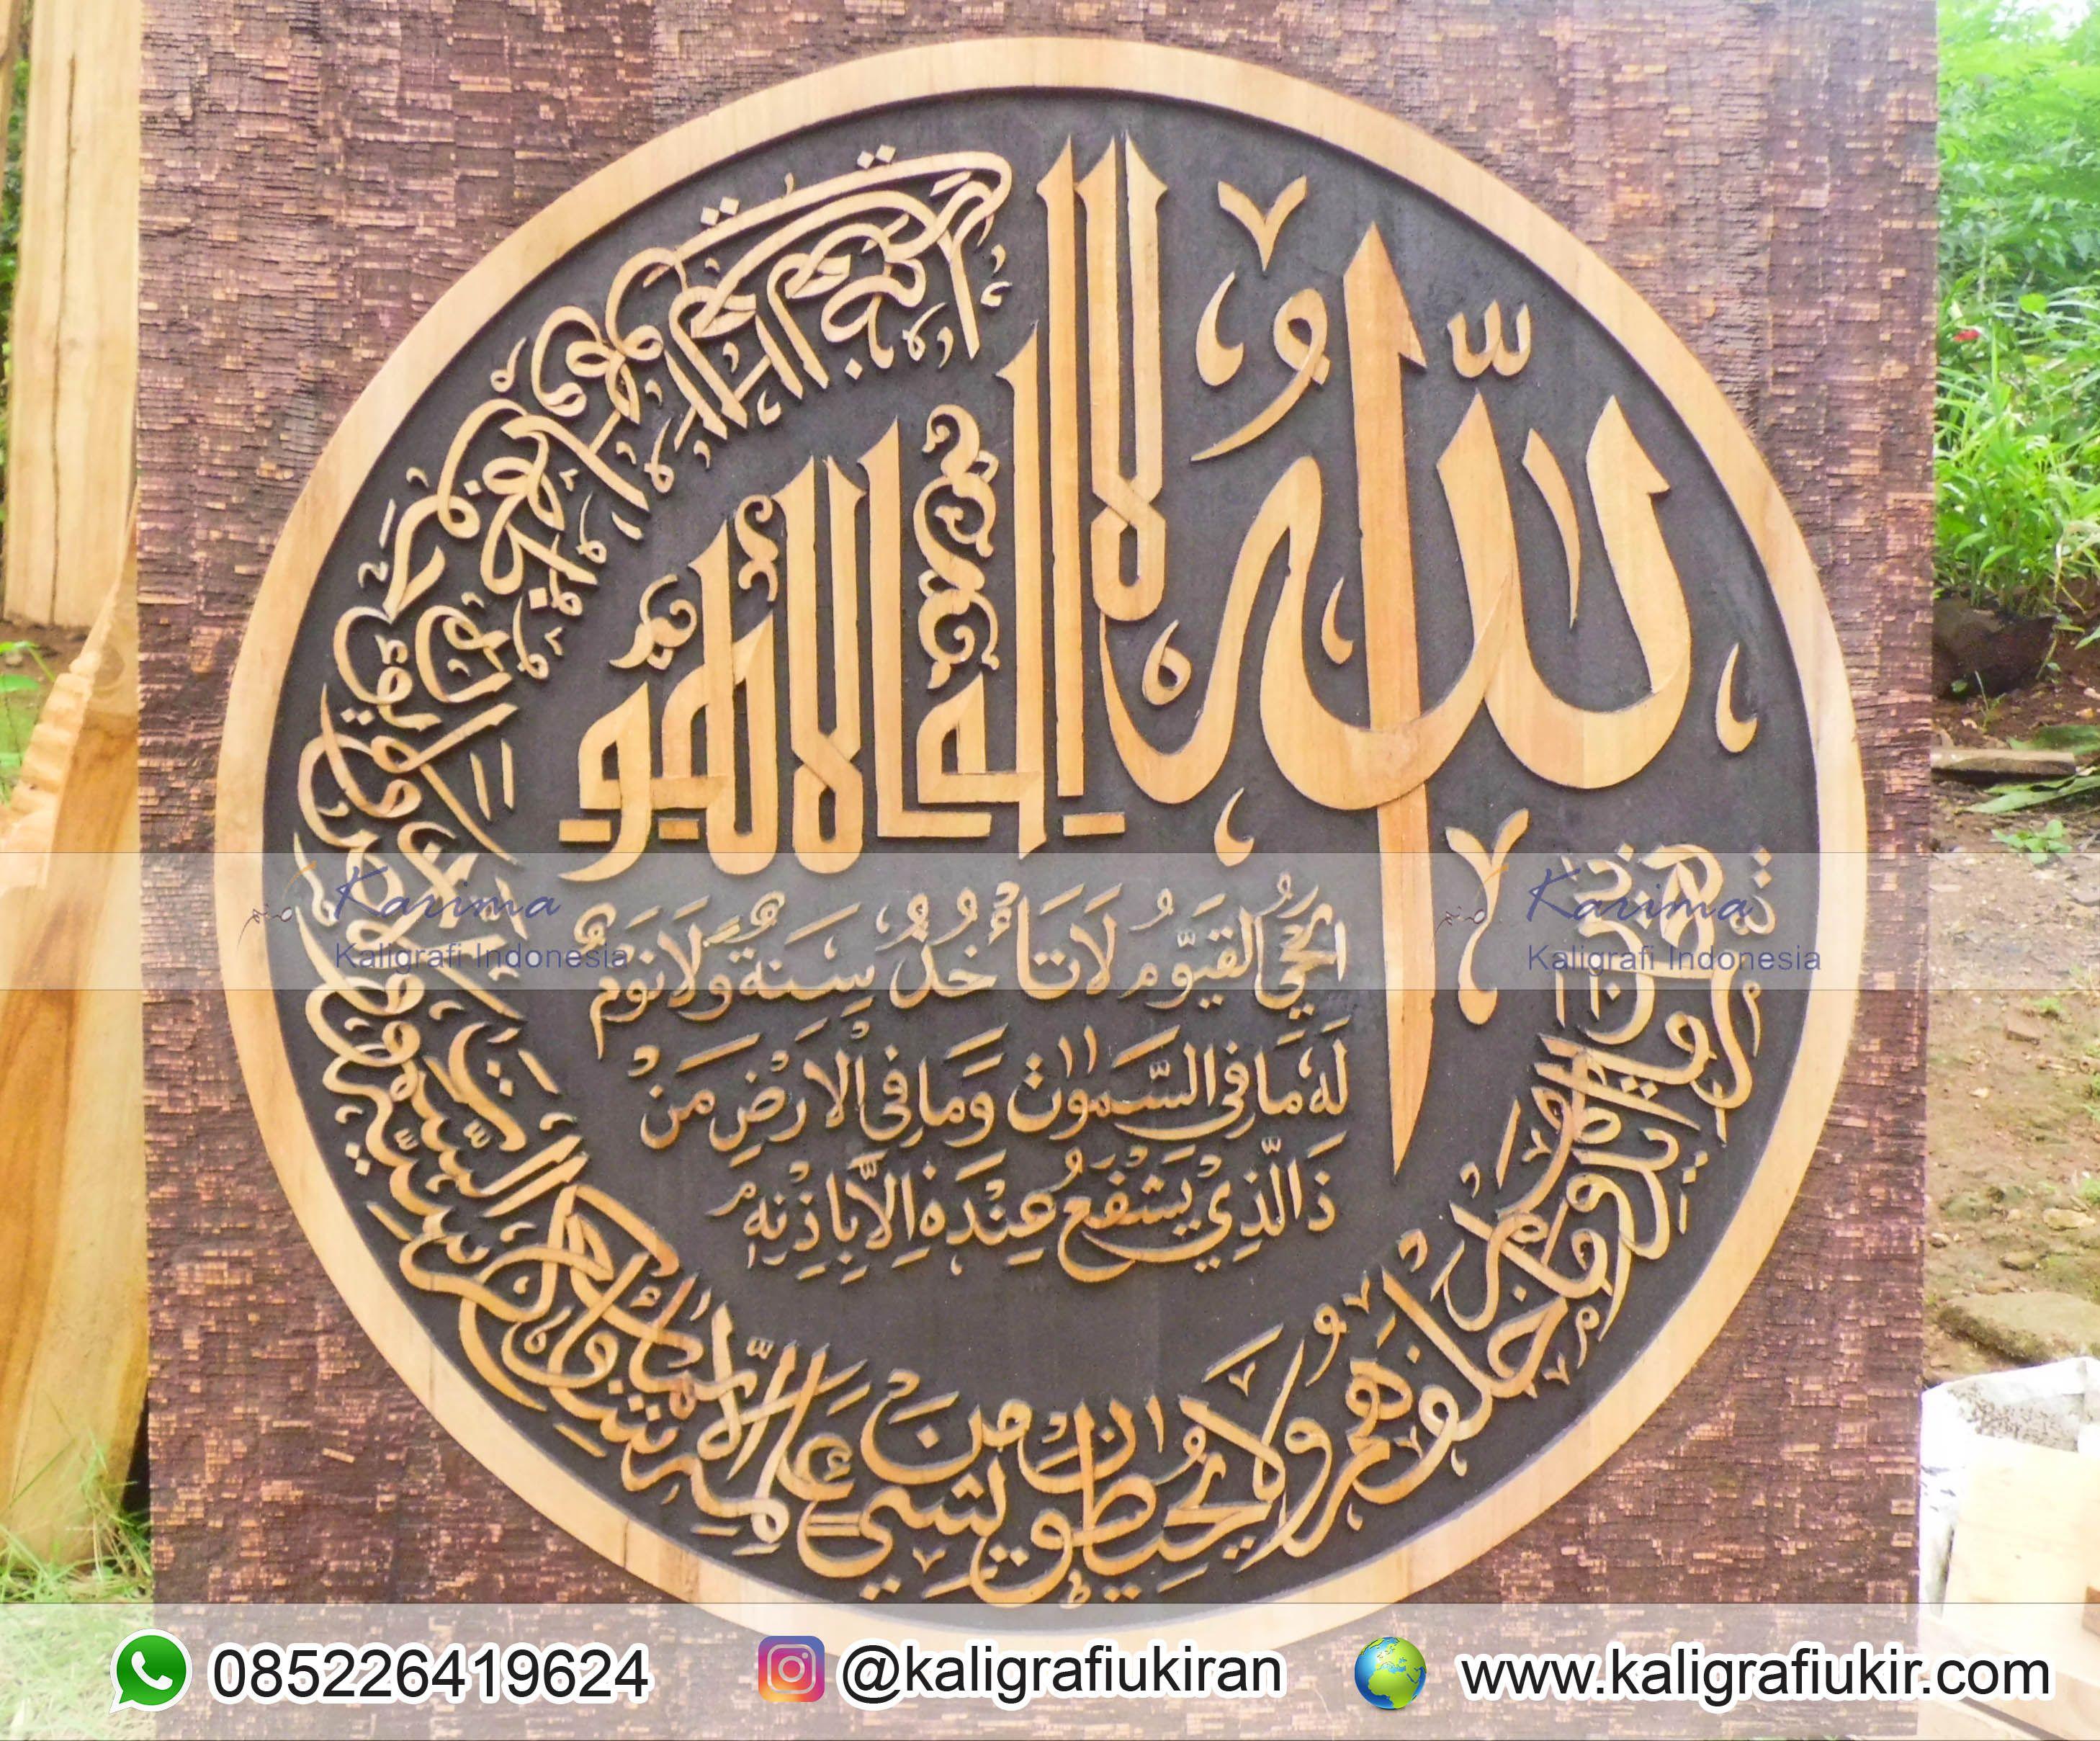 Kaligrafi Ayat Kursi dengan desain yang indah ukuran